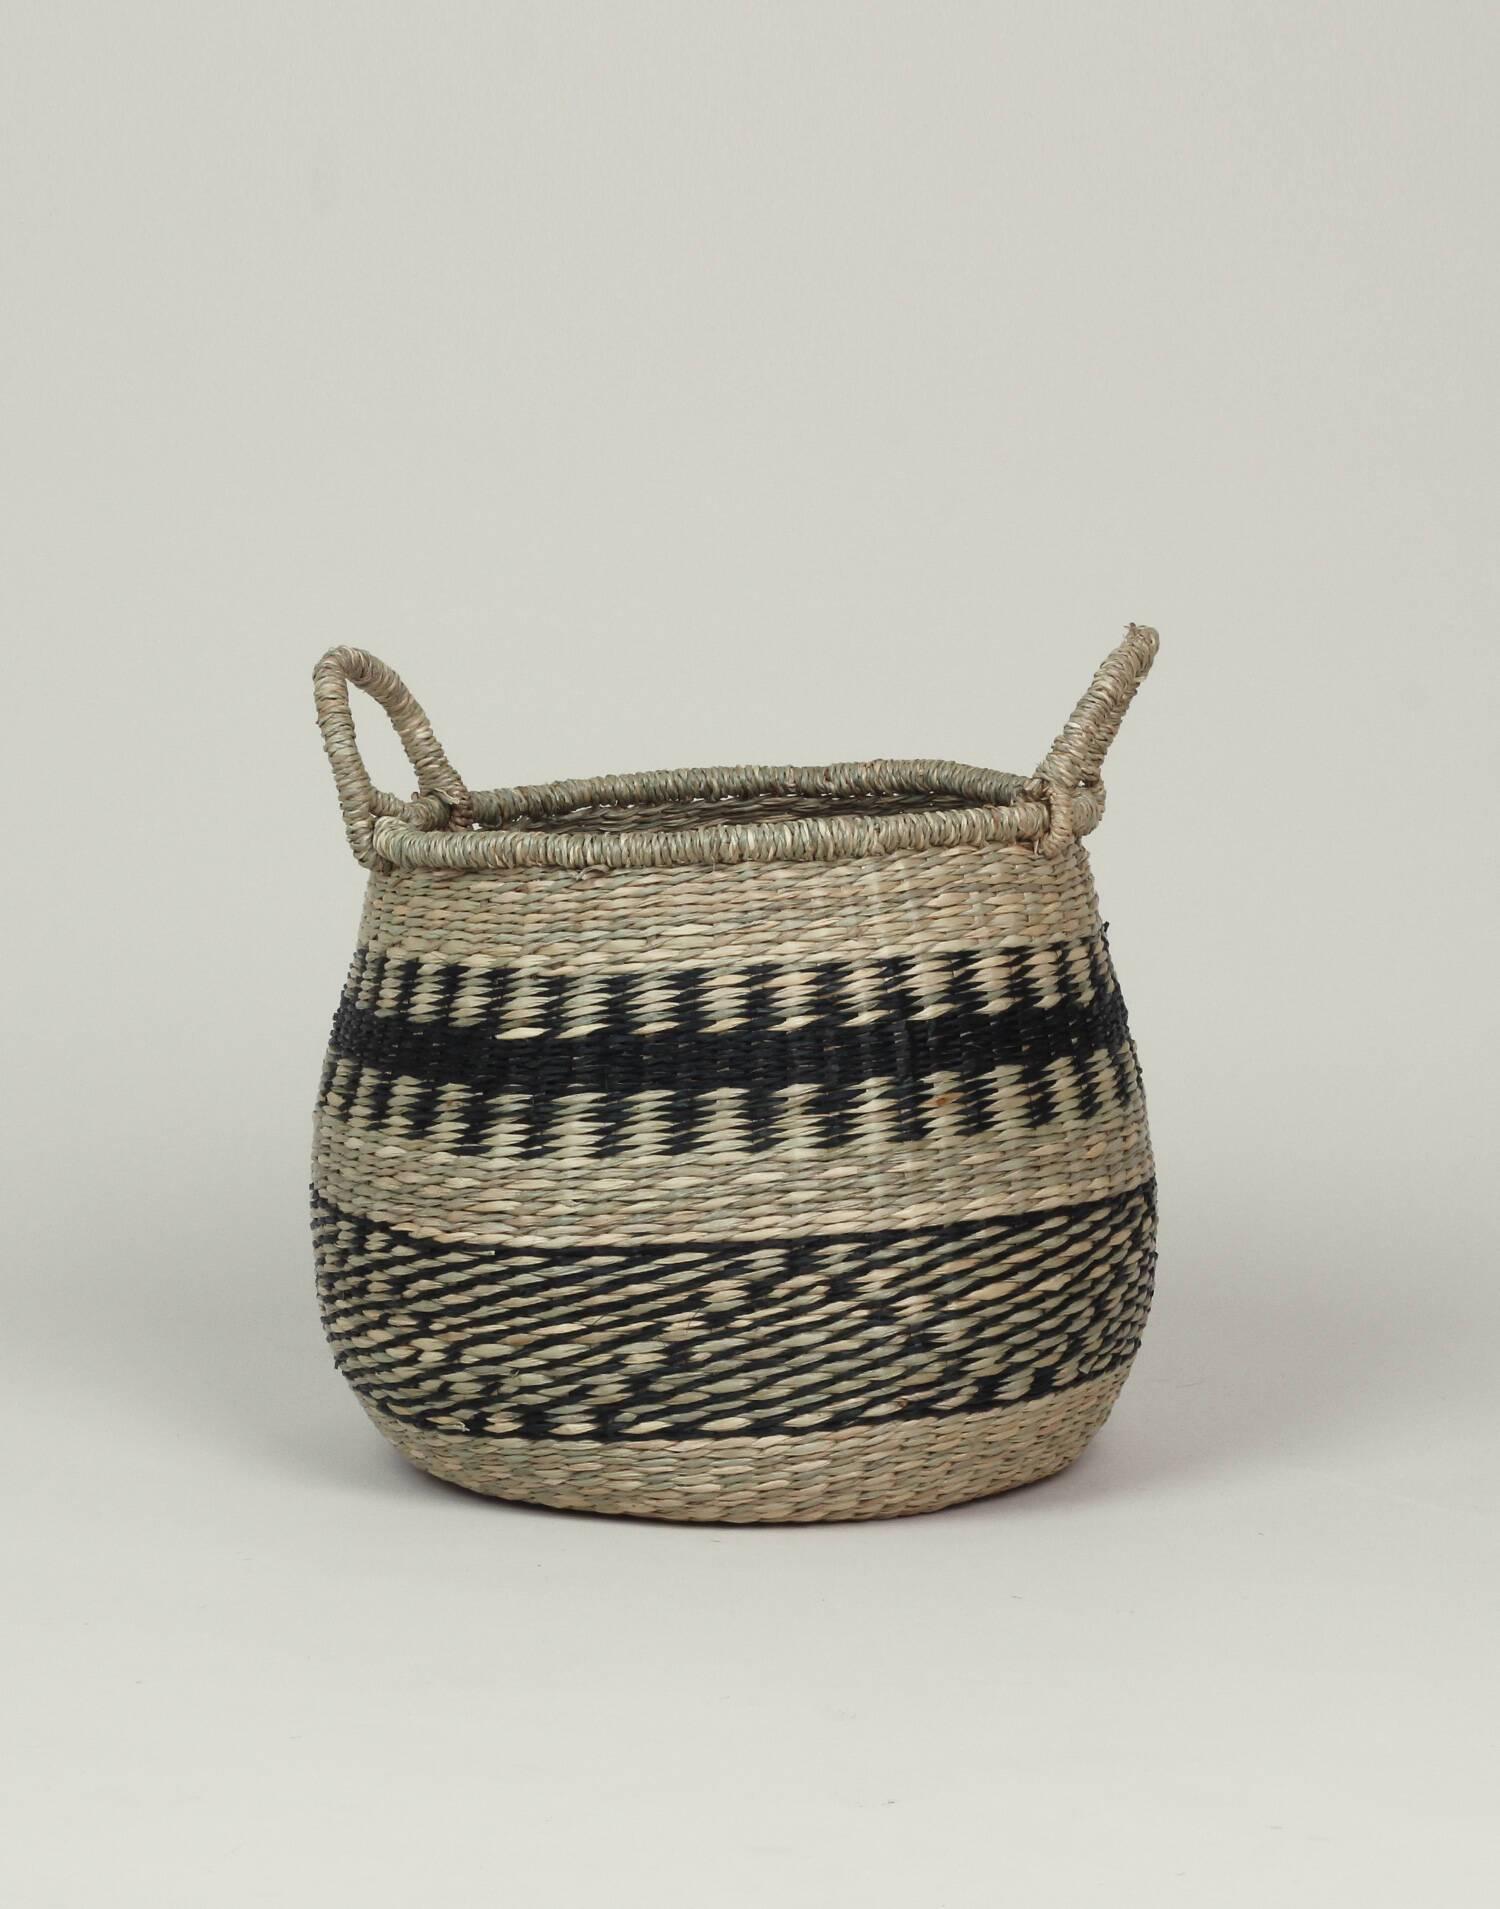 Trimming basket